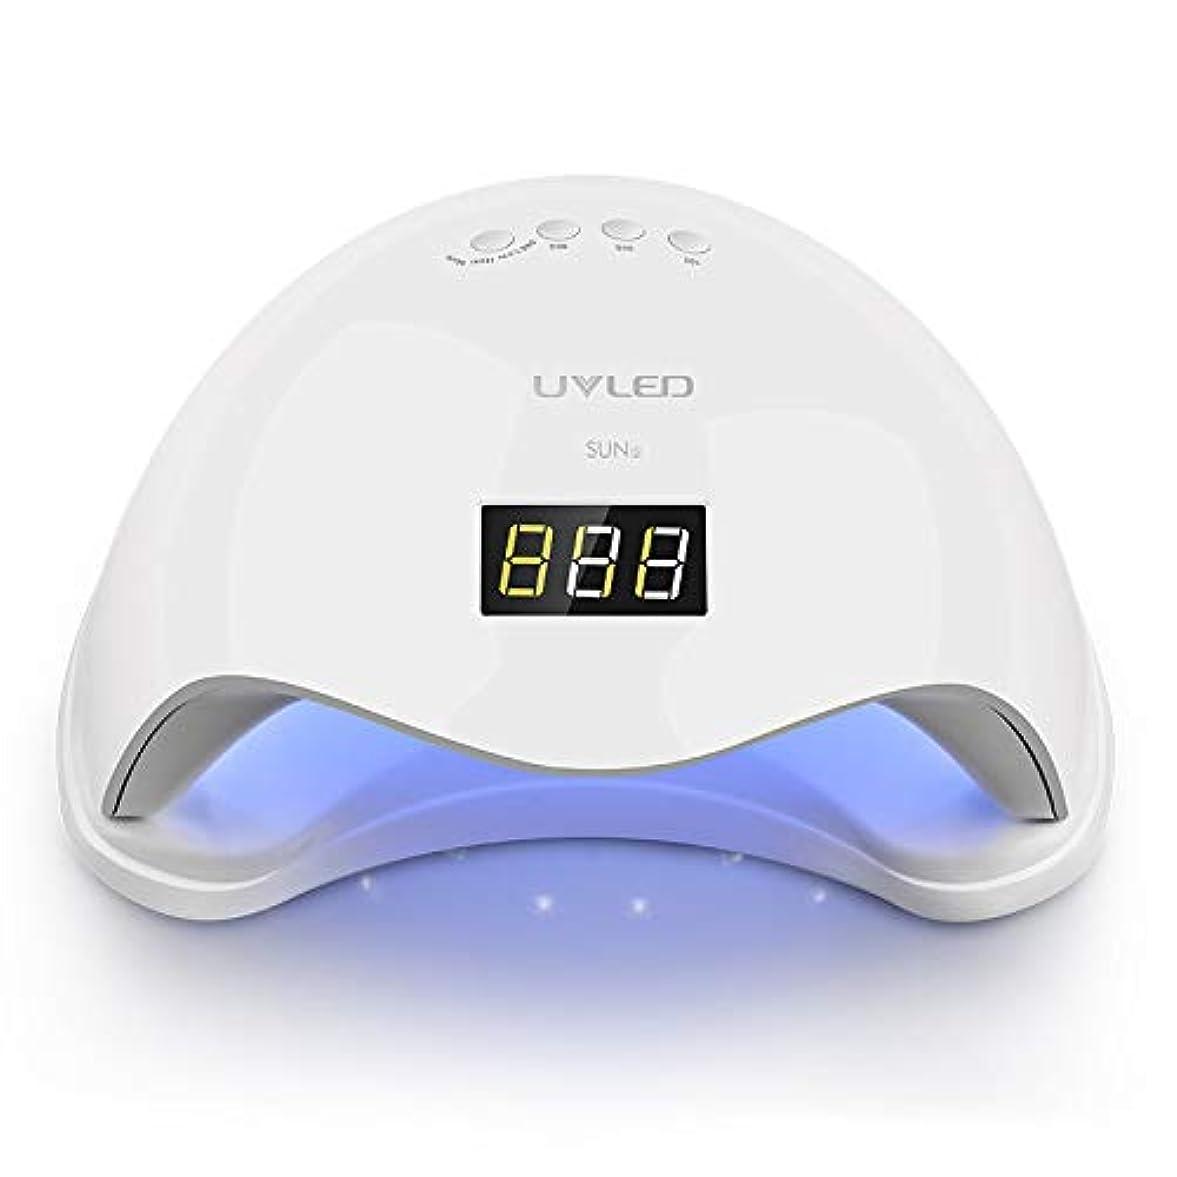 十分ではない優先凍る48W USB UV LEDネイルライトネイルドライヤー硬化ゲルポーランド、インテリジェント自動センサー3タイマー設定